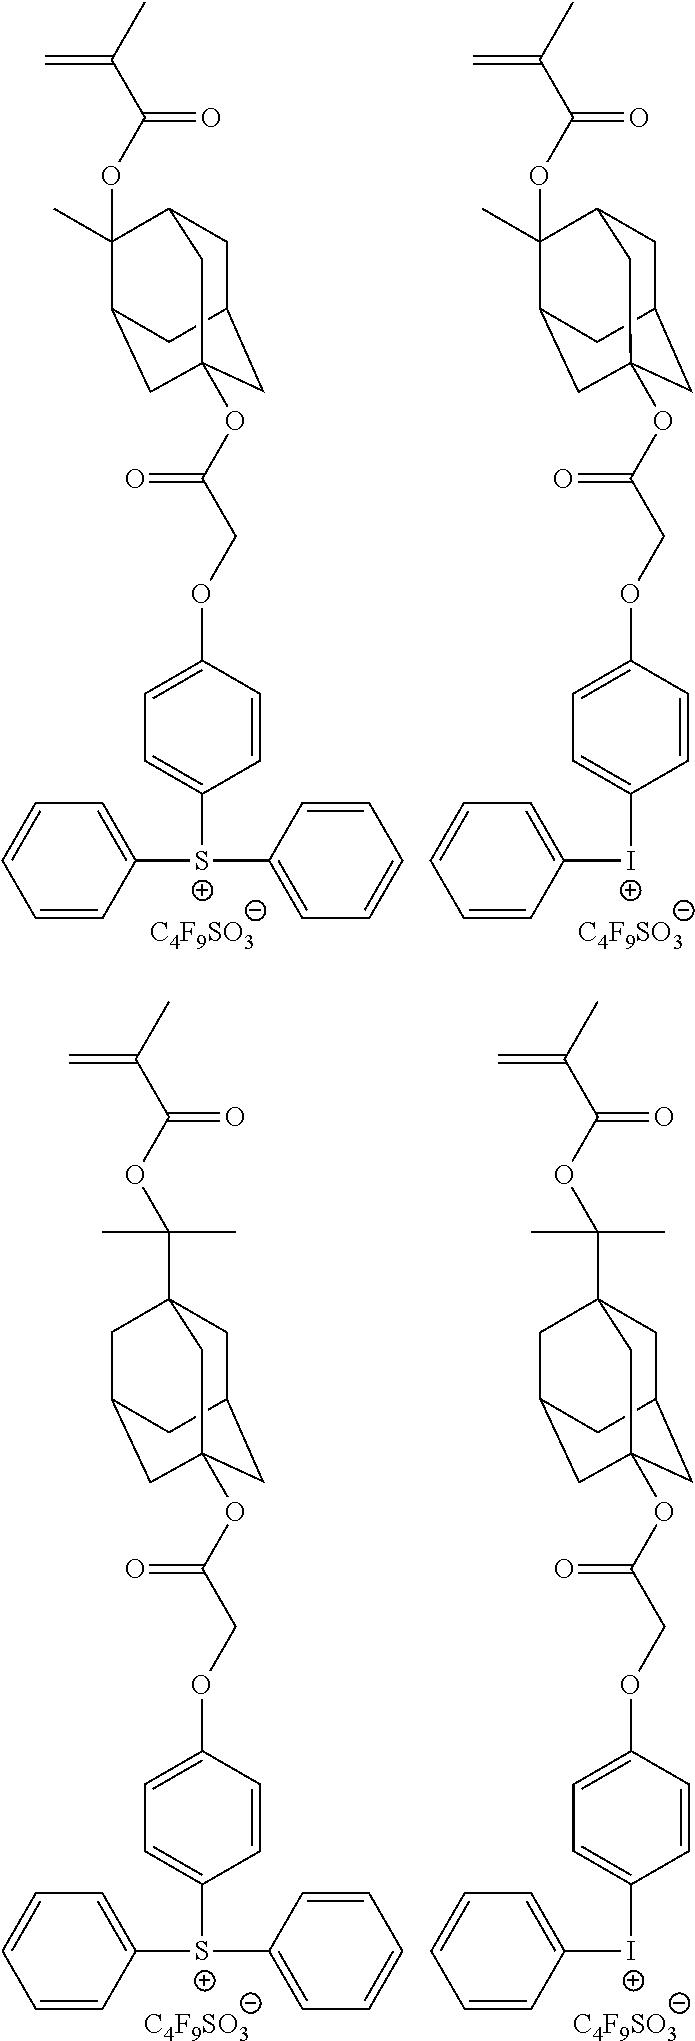 Figure US20110269074A1-20111103-C00015